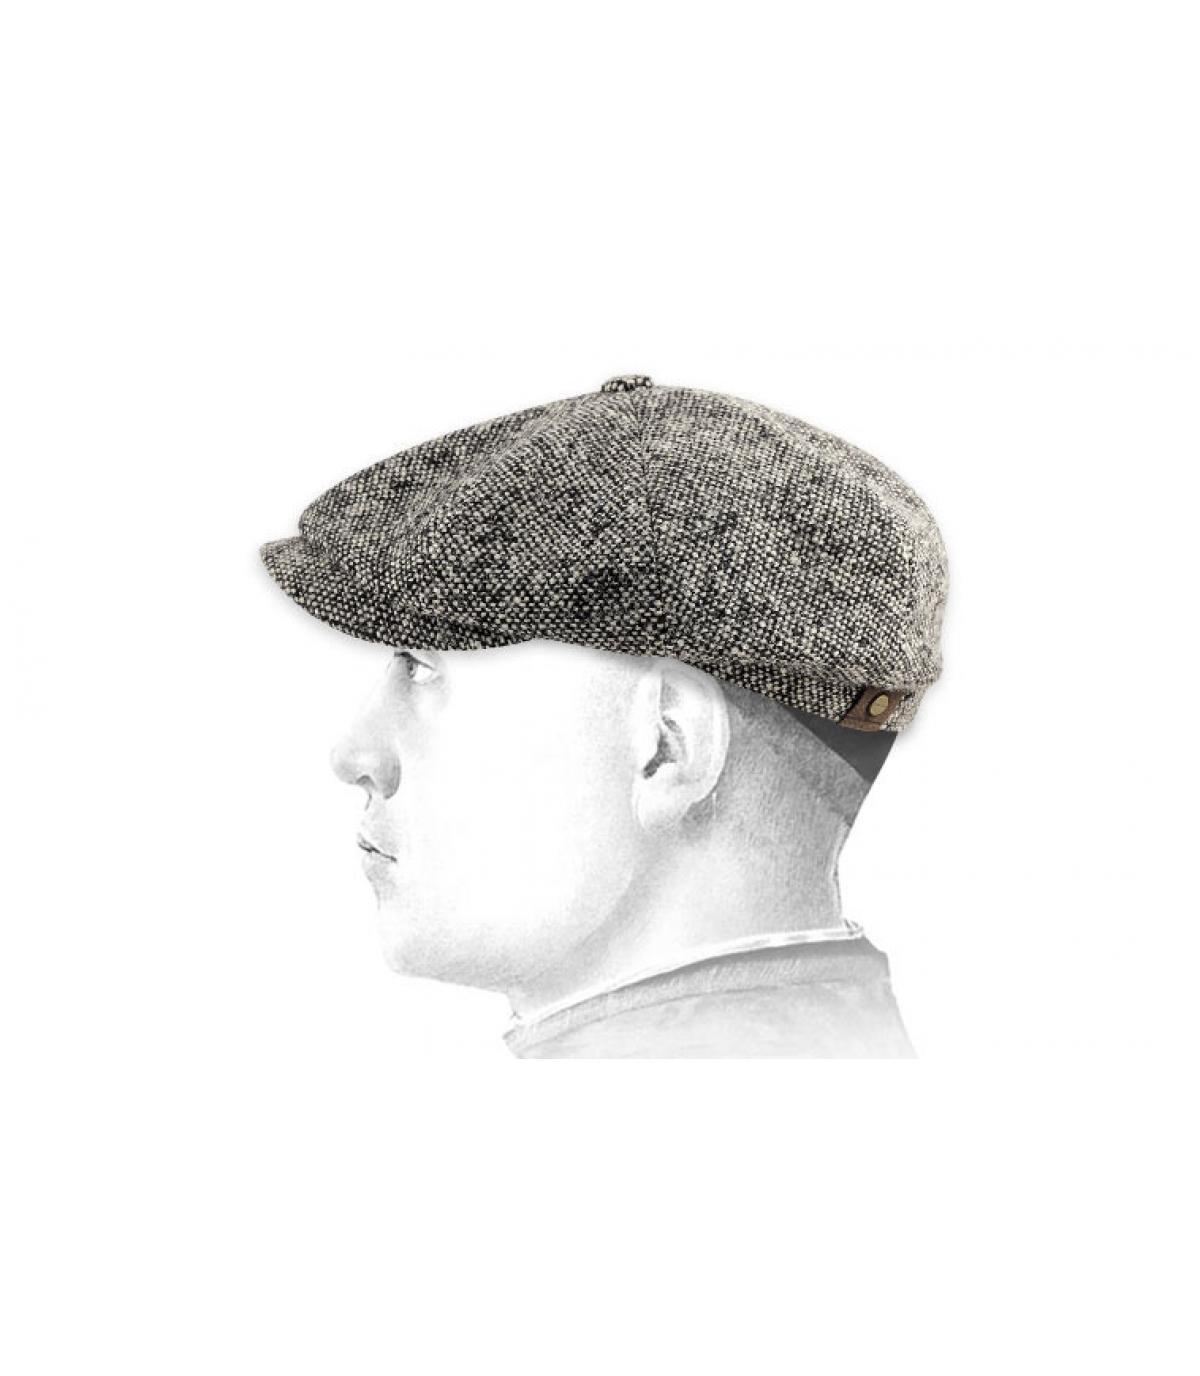 Détails Hatteras Donegal gris - image 3